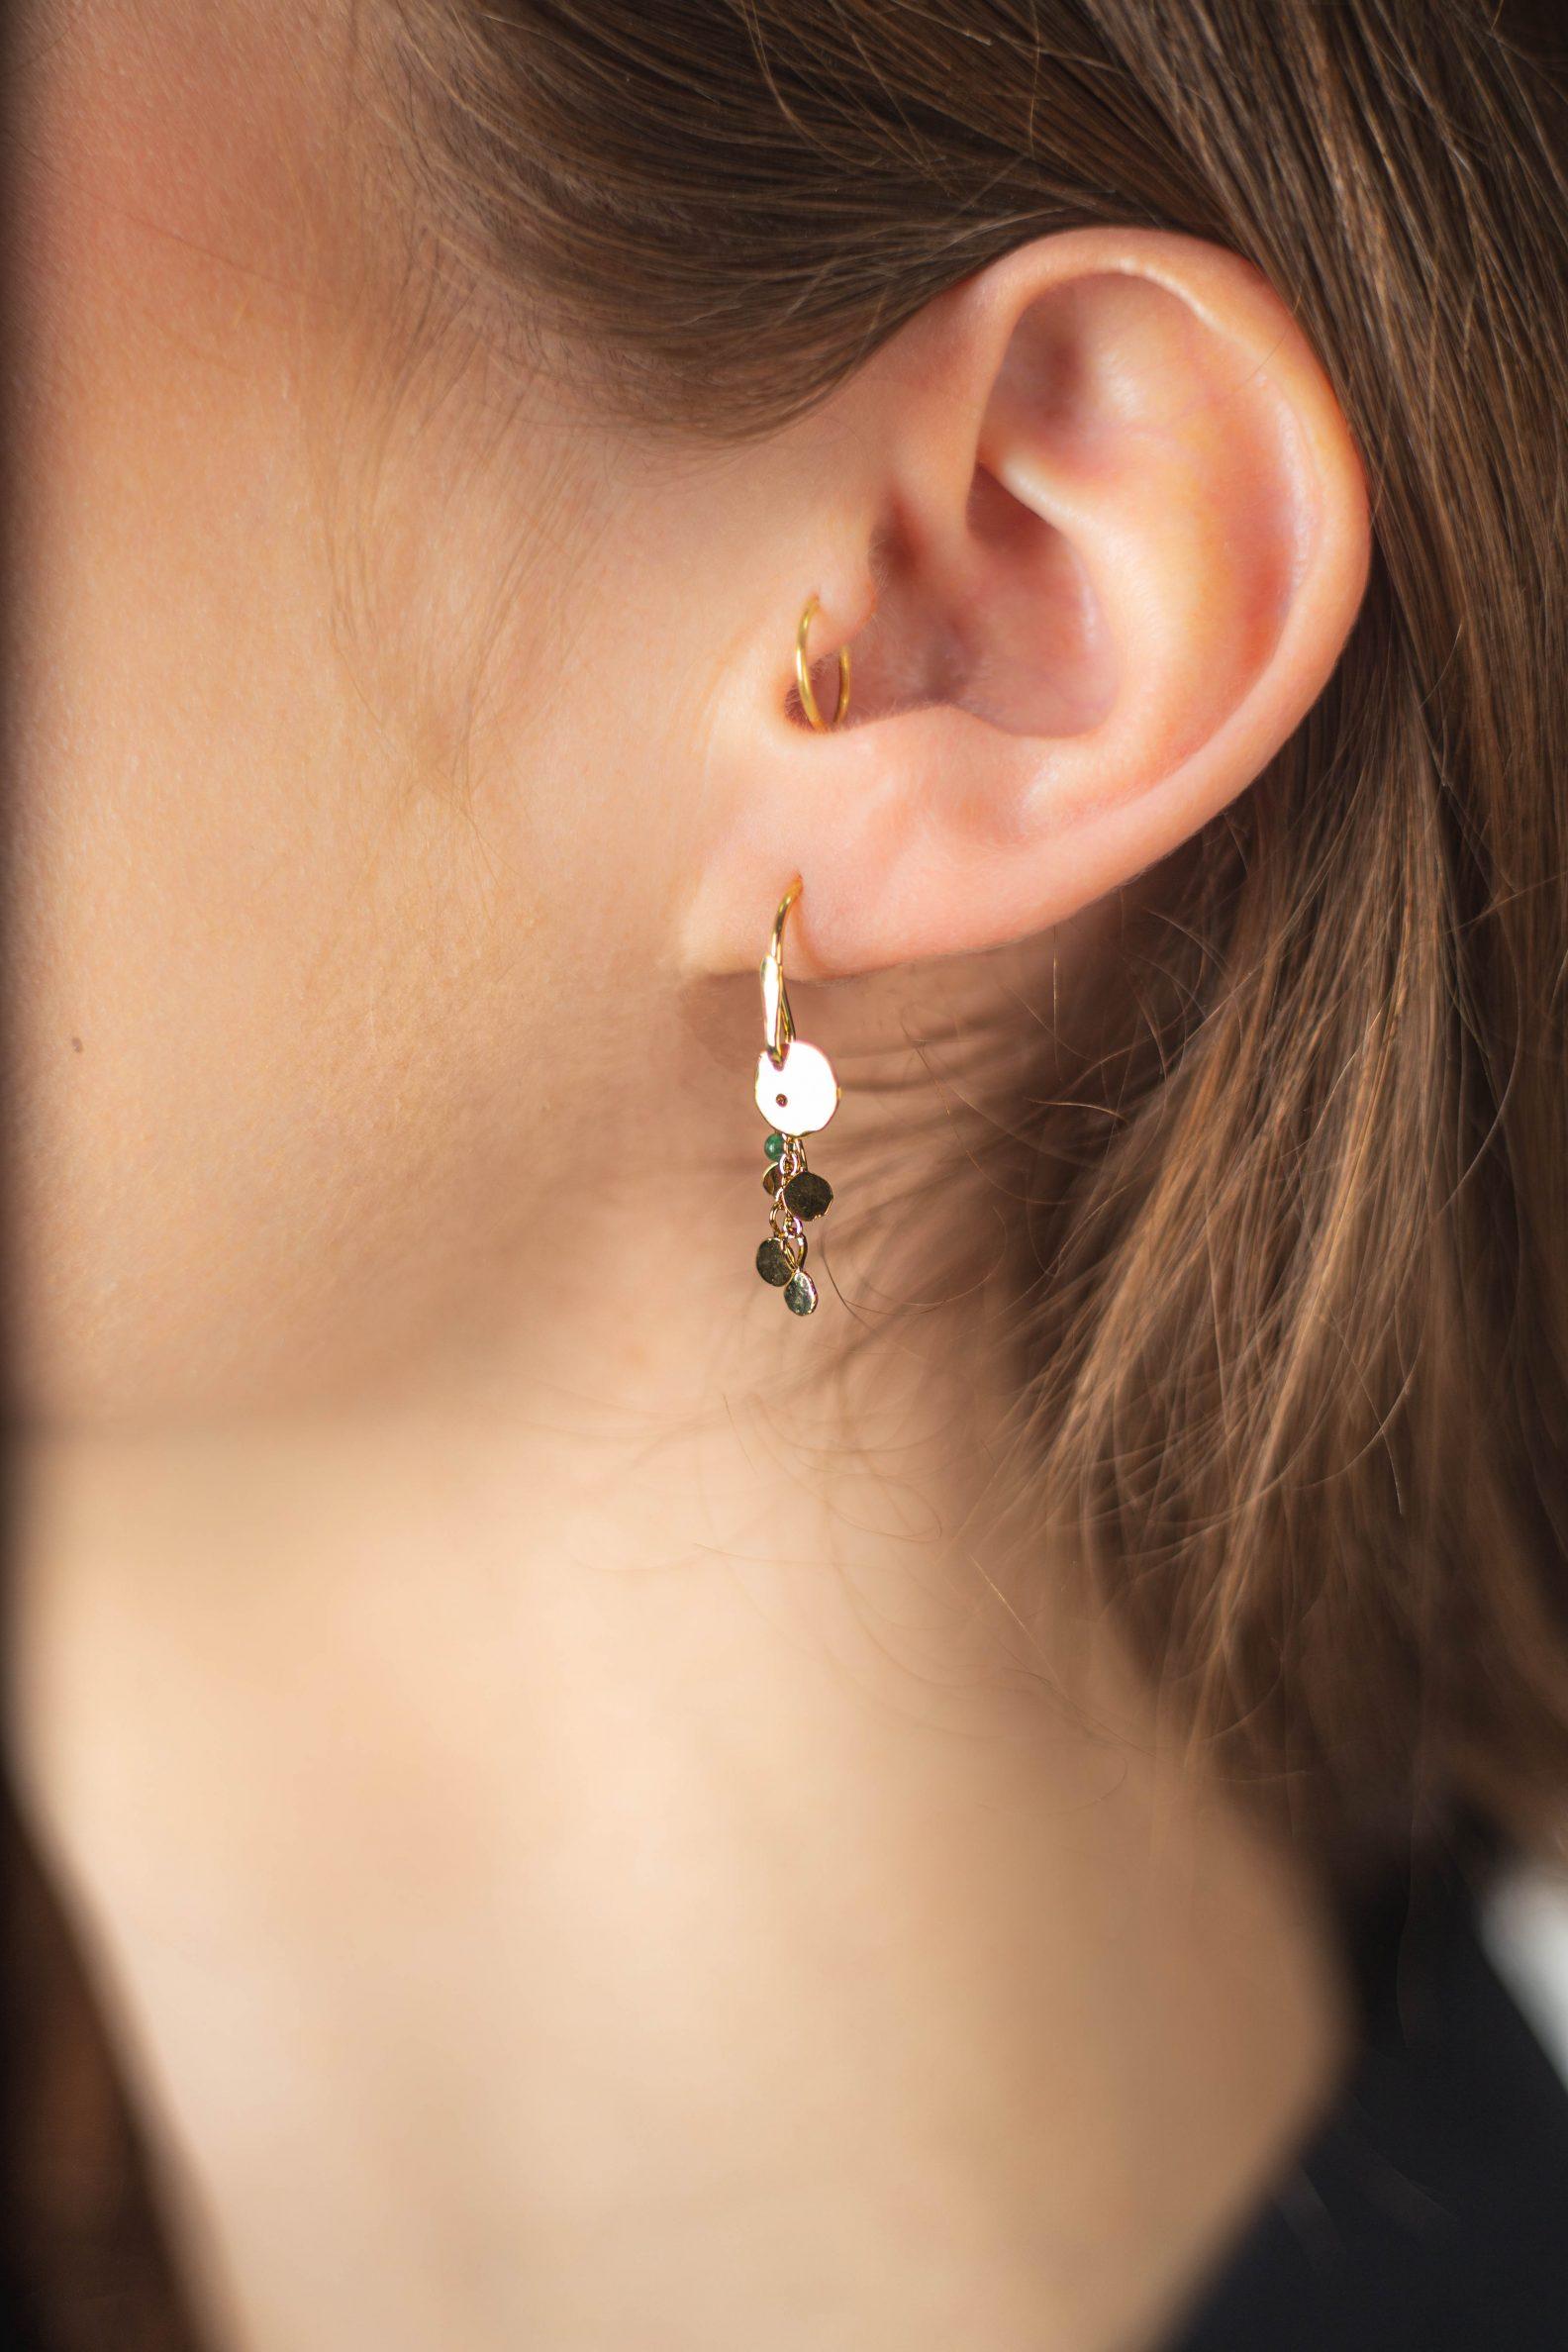 Short Indian summer earrings-Boucle d'oreille éteinte Indien courte